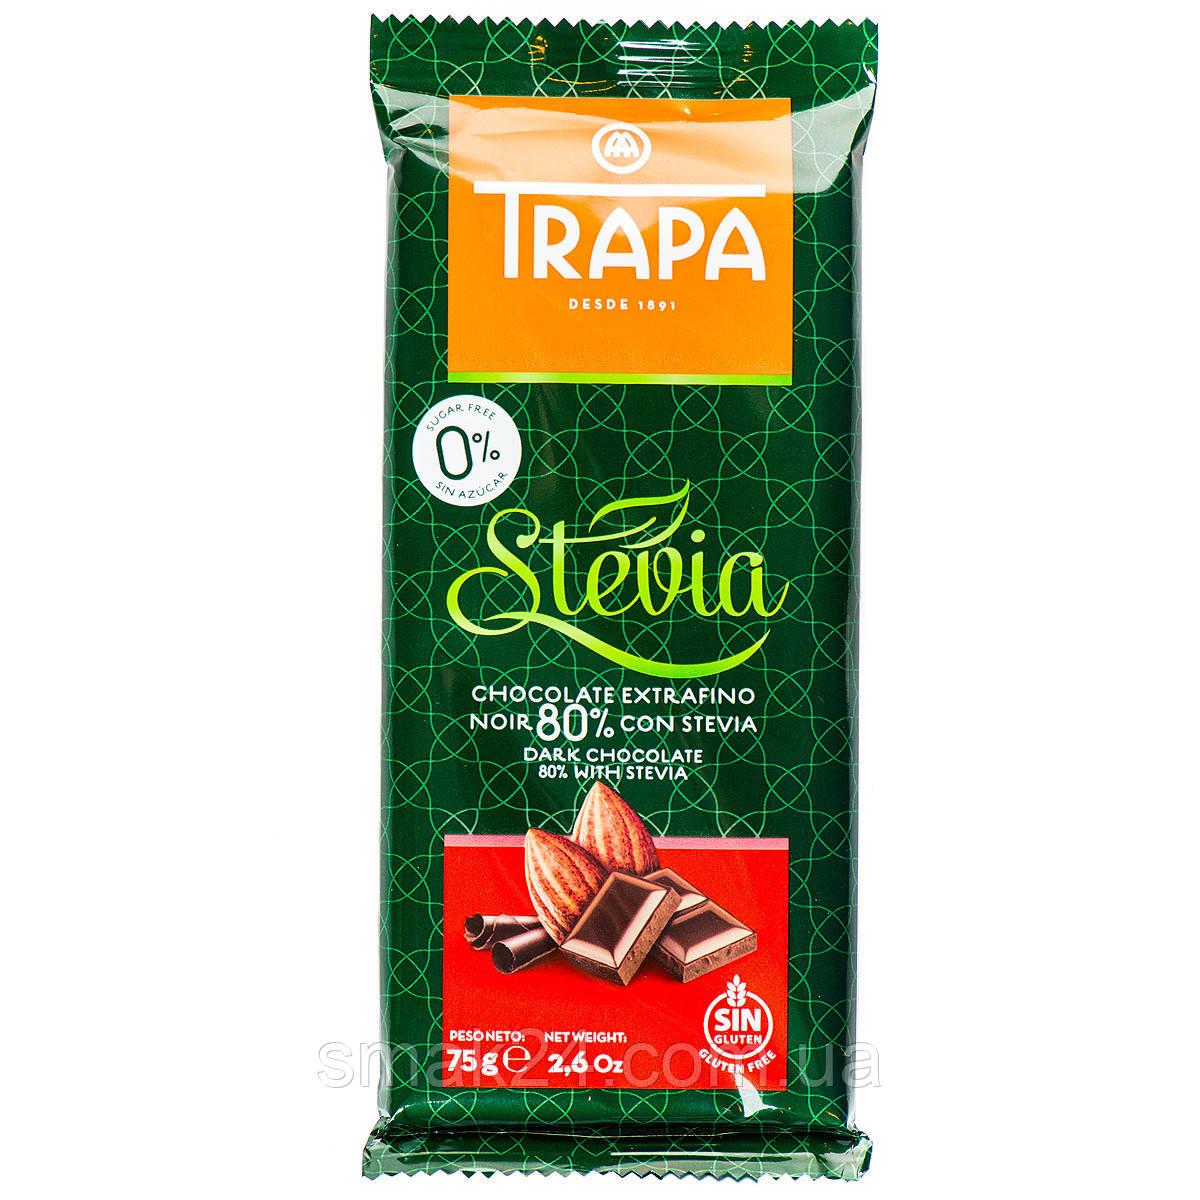 Шоколад черный  без сахара и без глютена Trapa Stevia 80% какао 75г Испания